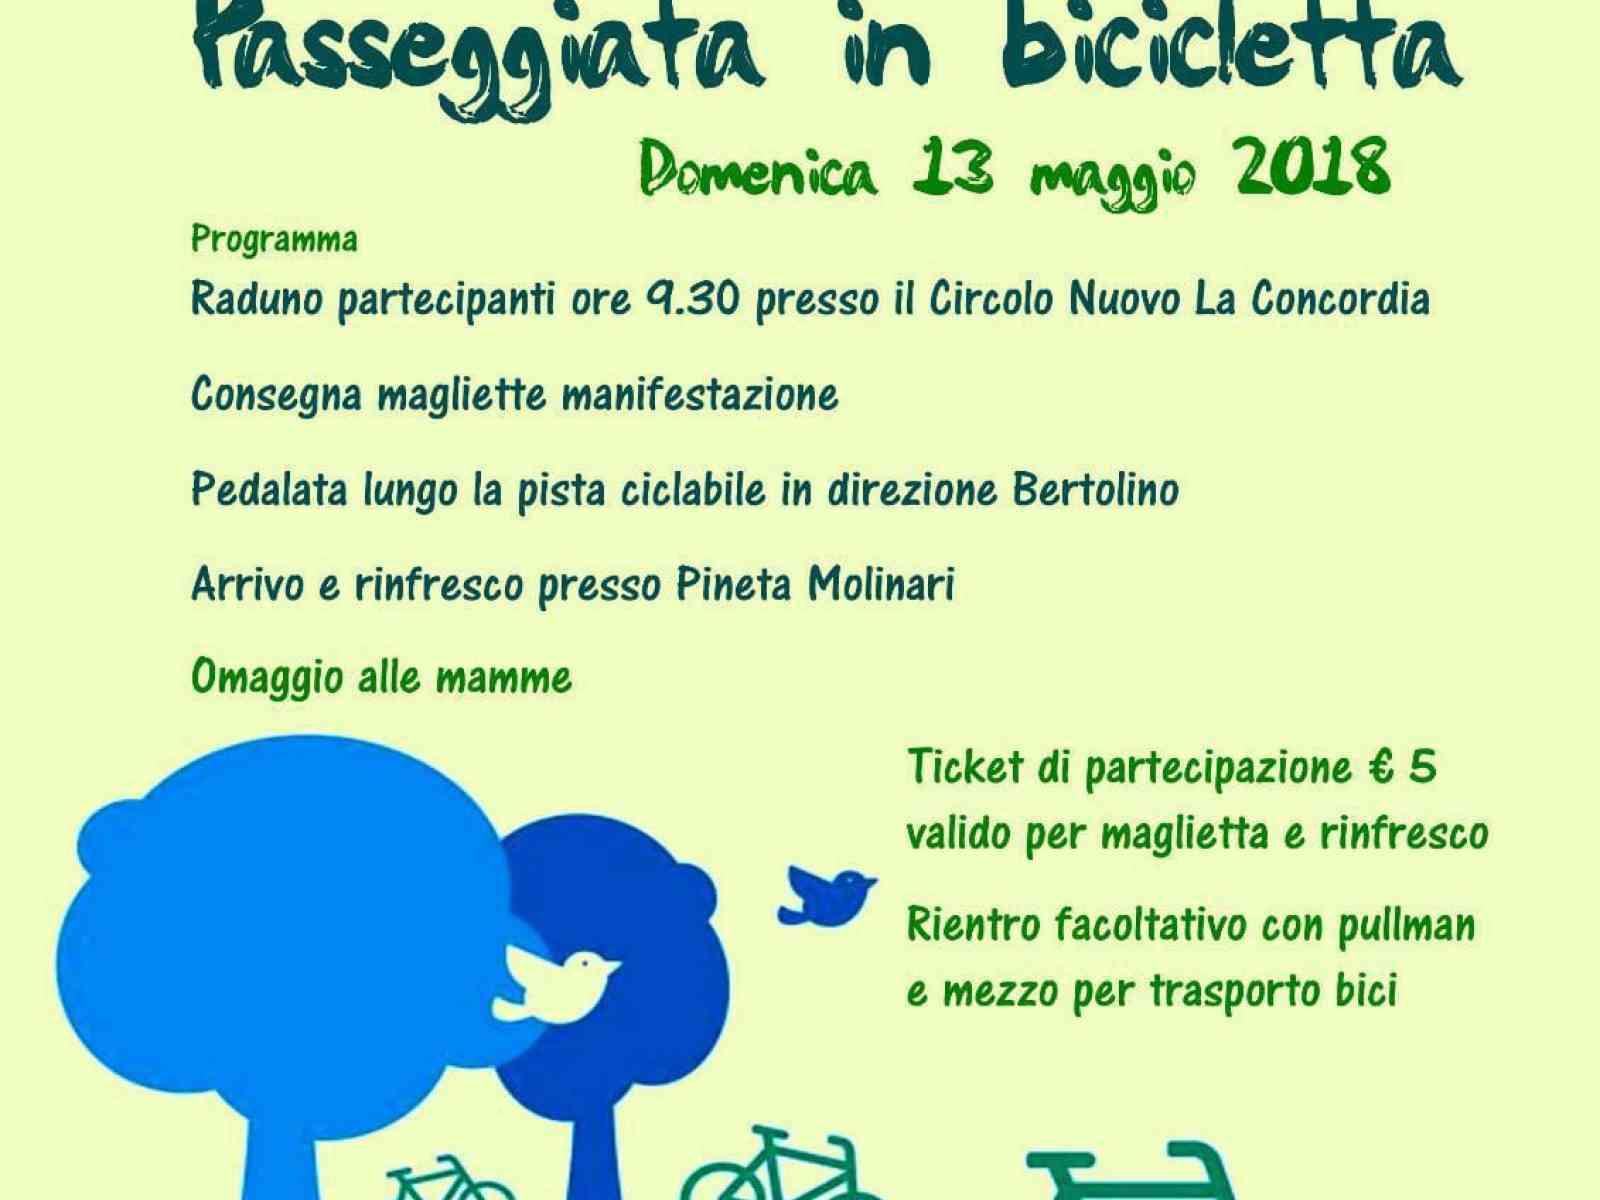 Immagine articolo: Menfi. In bici fino a Bertolino per la Giornata Nazionale della Bicicletta, domani alle 9e30